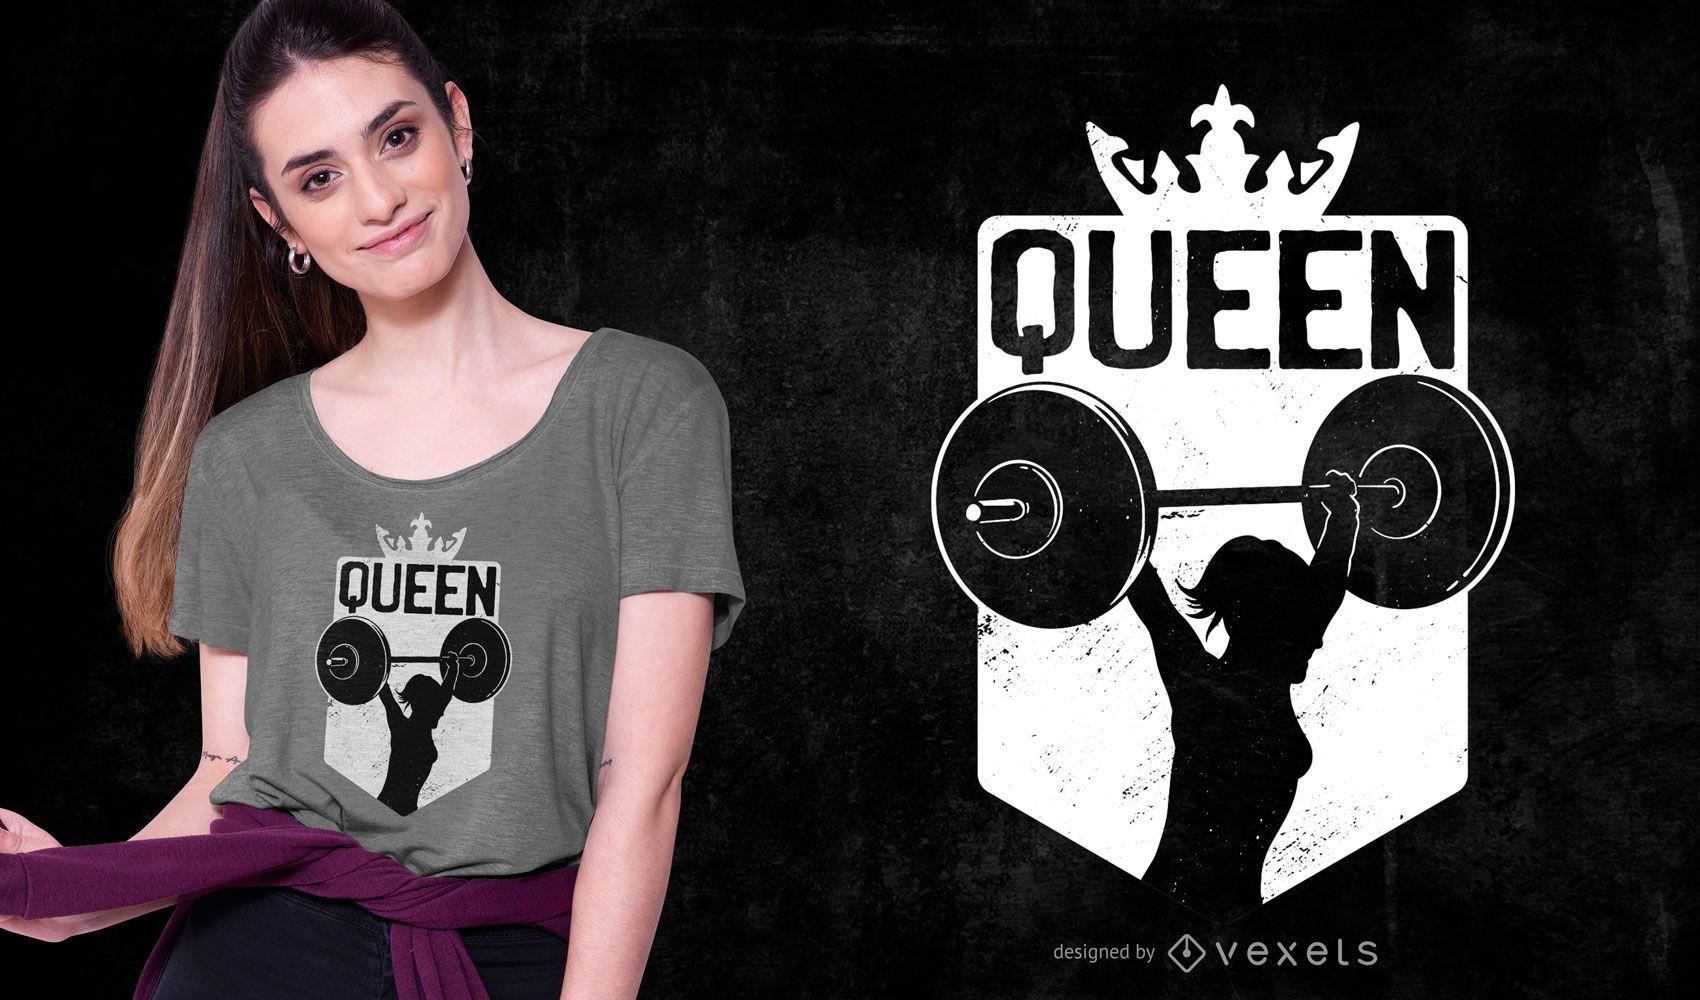 Weightlifting queen t-shirt design